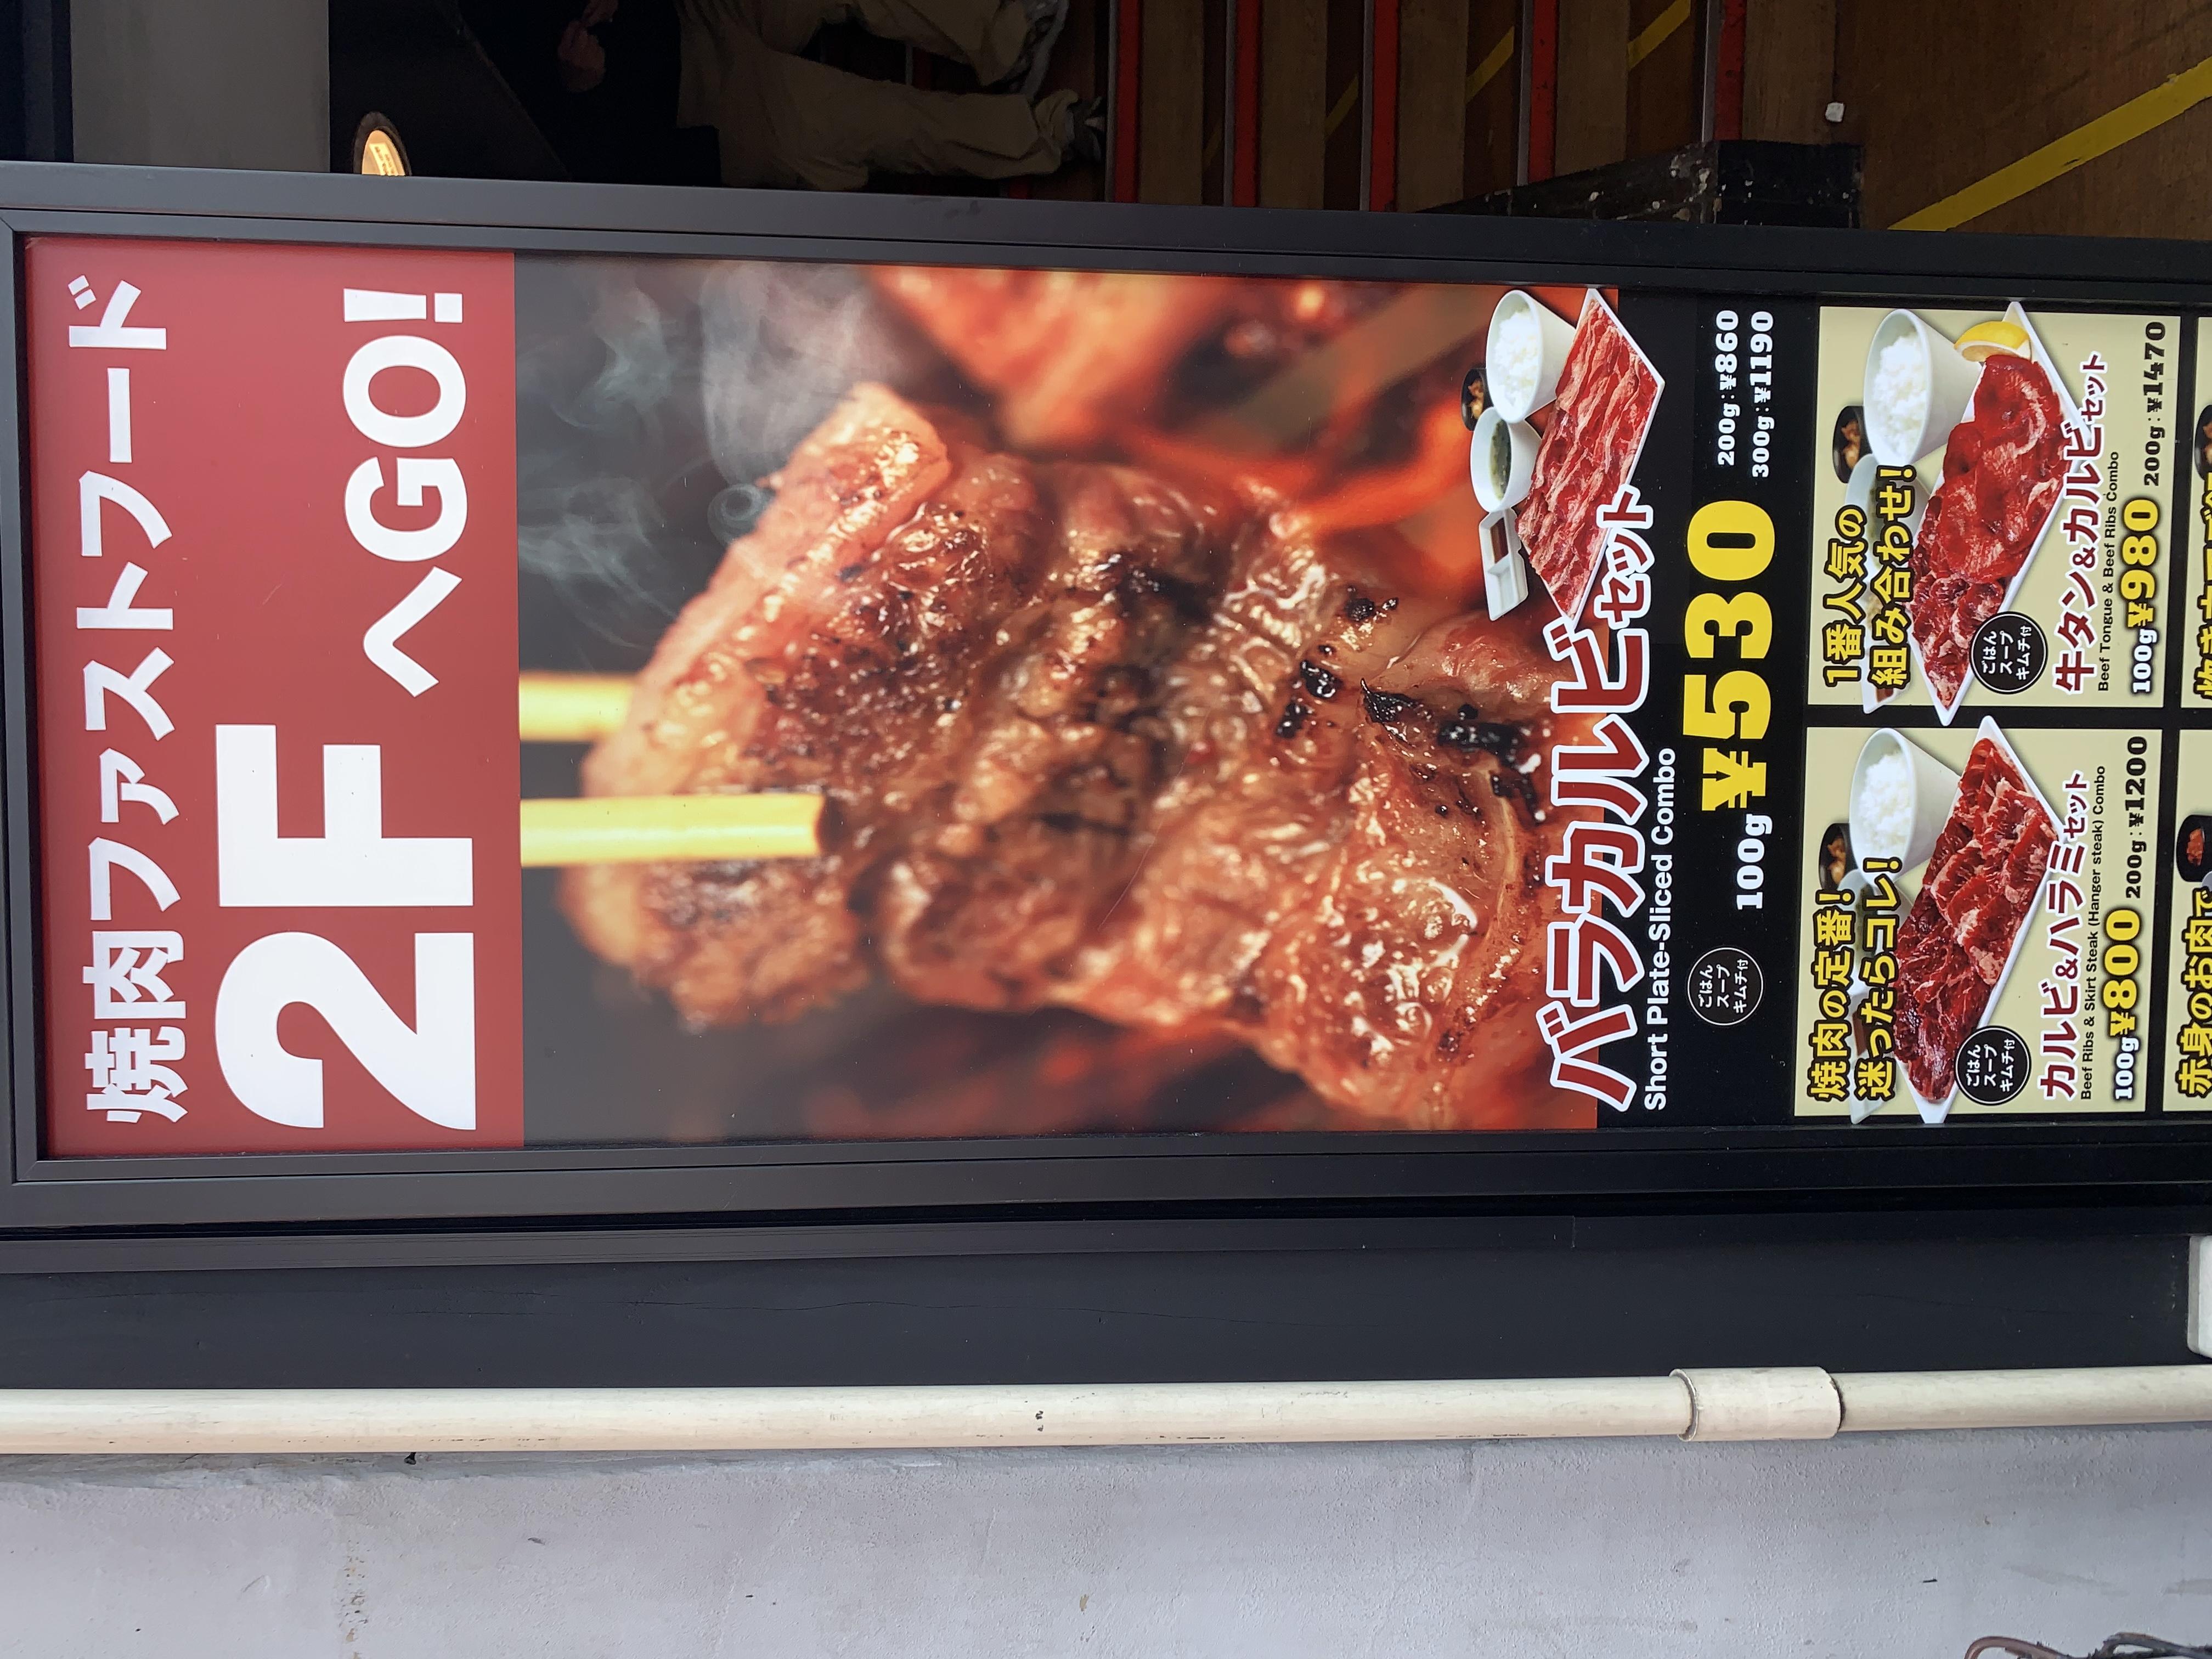 ライク 札幌 焼肉